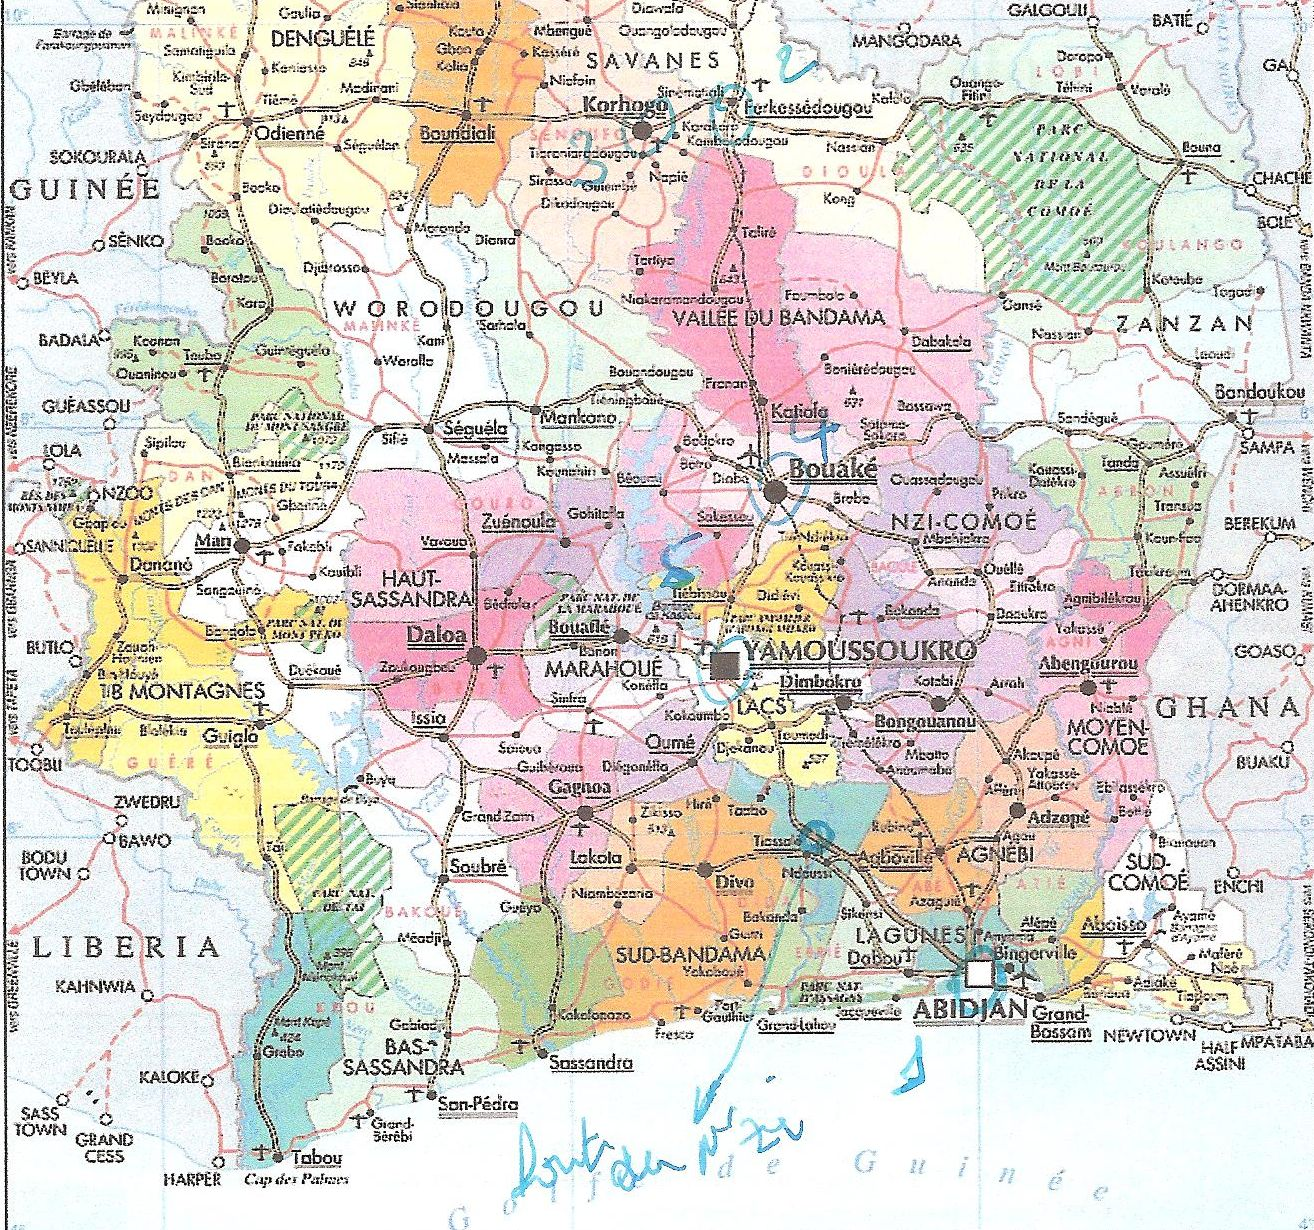 CARTE DE LA COTE D'IVOIRE 002